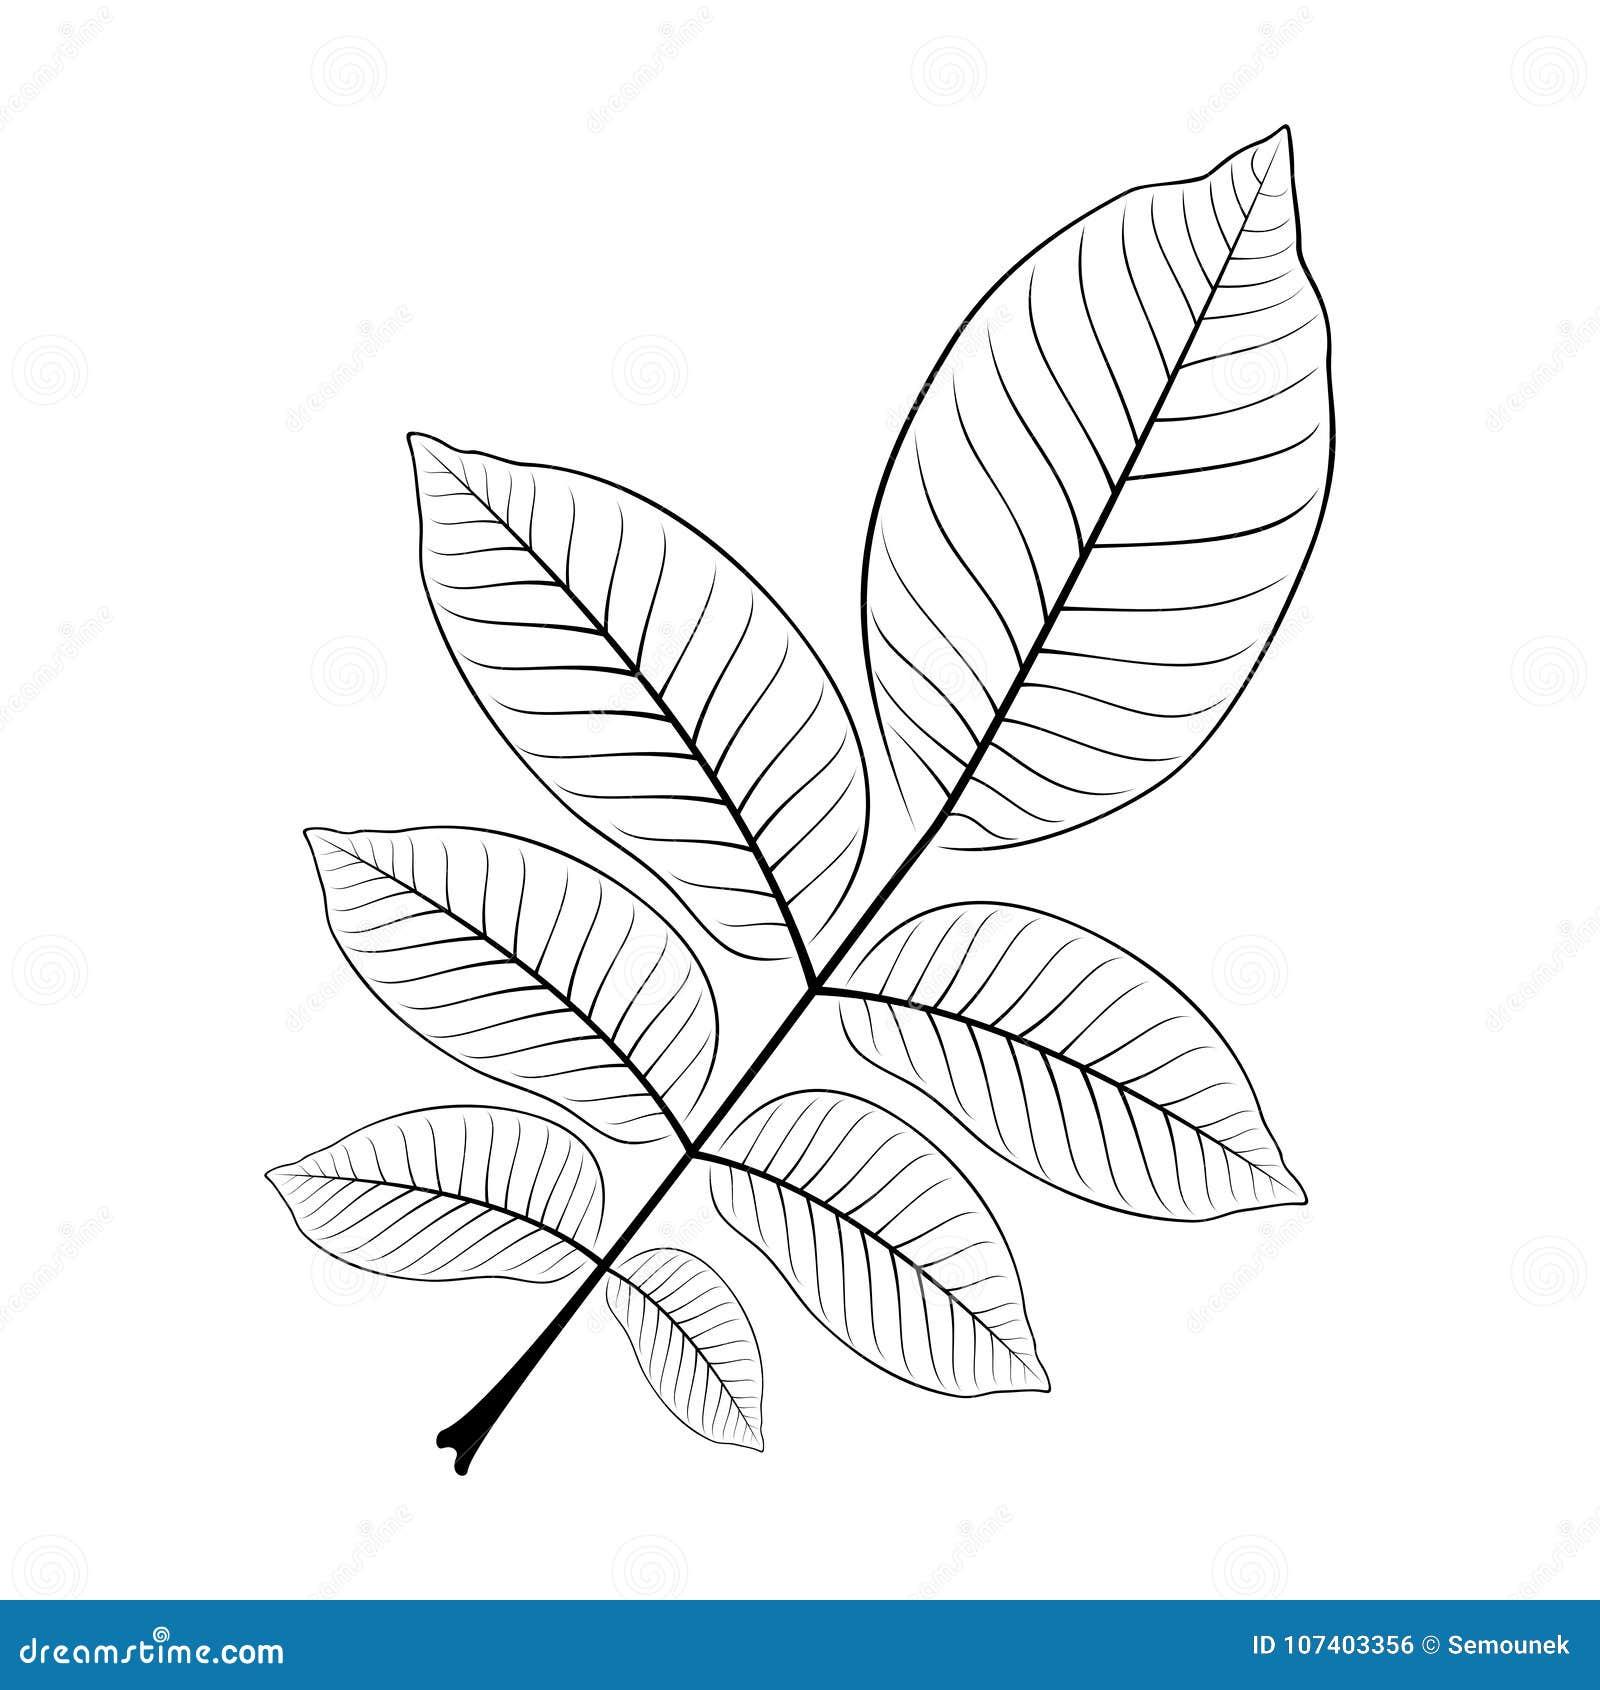 Svartvit vektorillustration av ett valnötblad